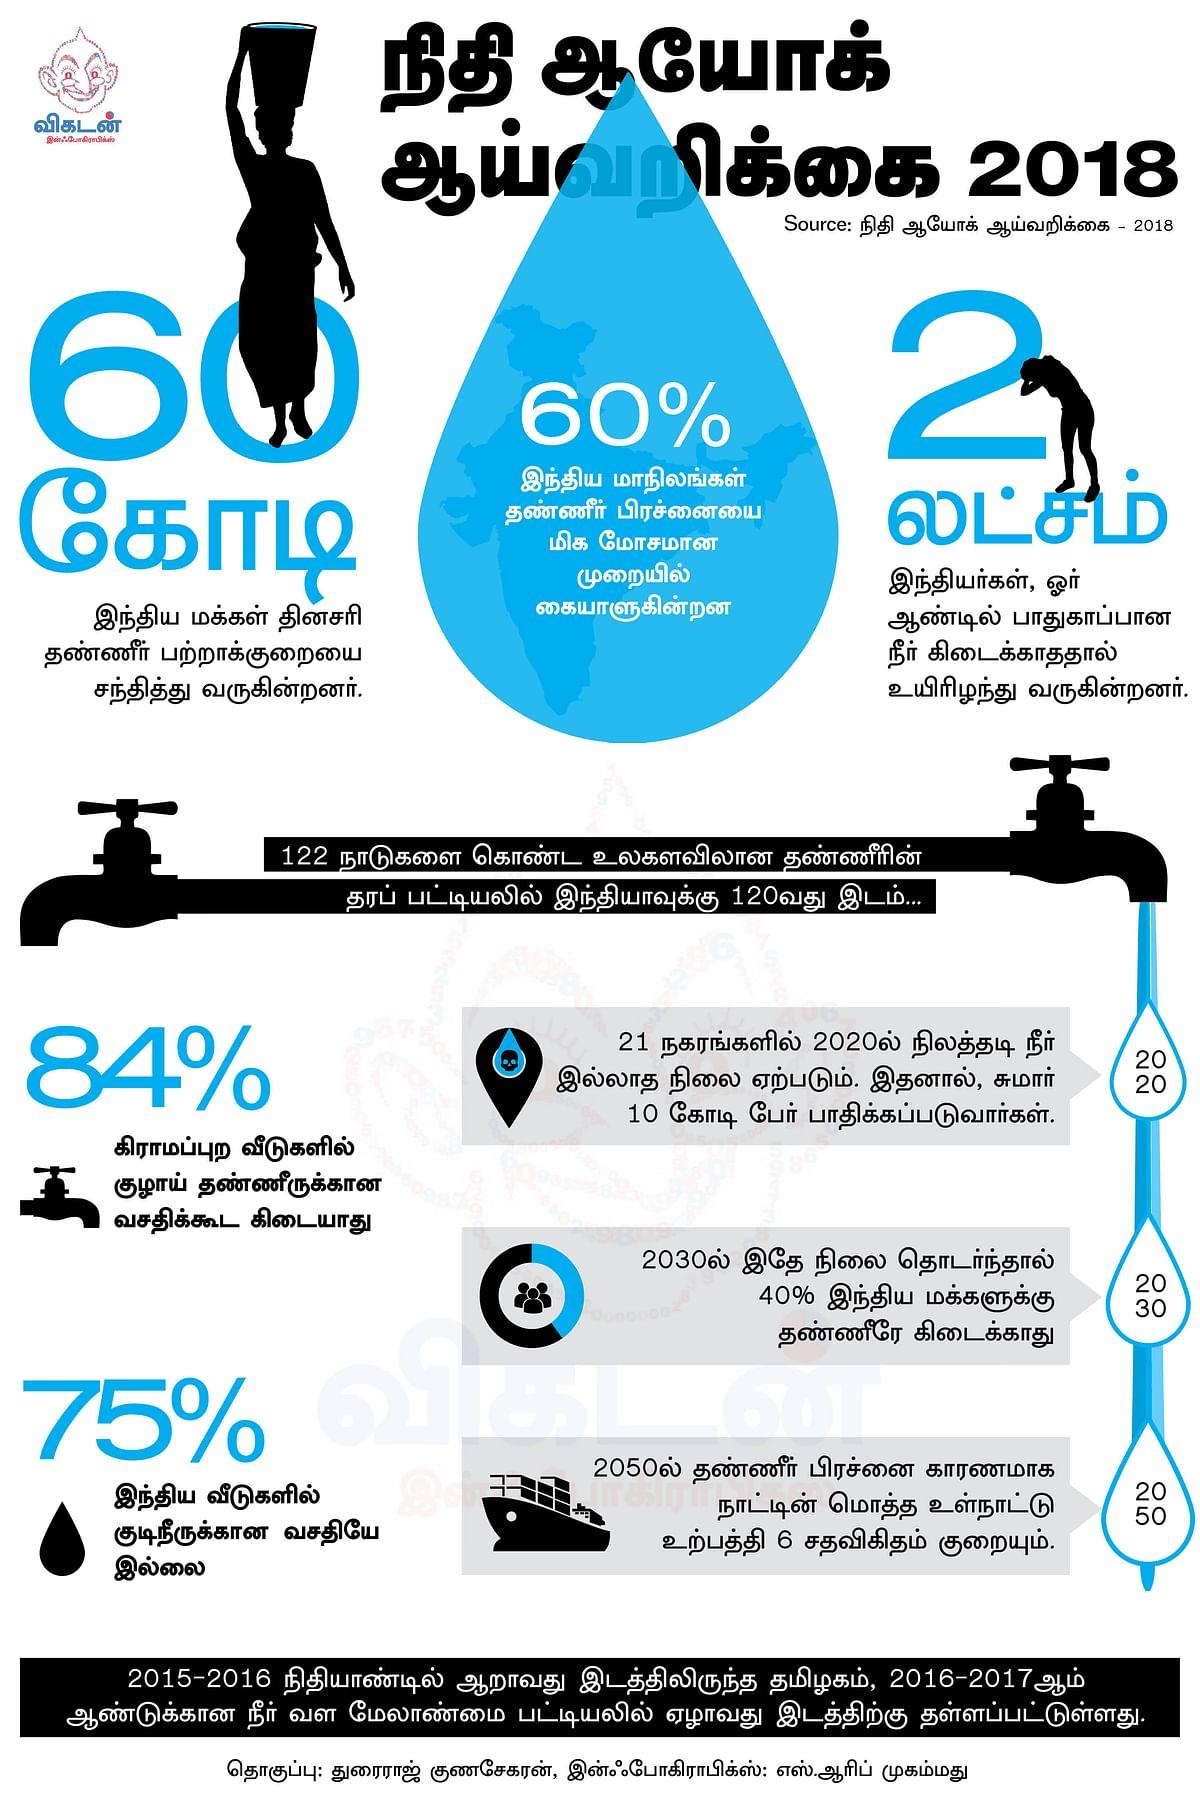 நிதி ஆயோக் ஆய்வறிக்கை-2018